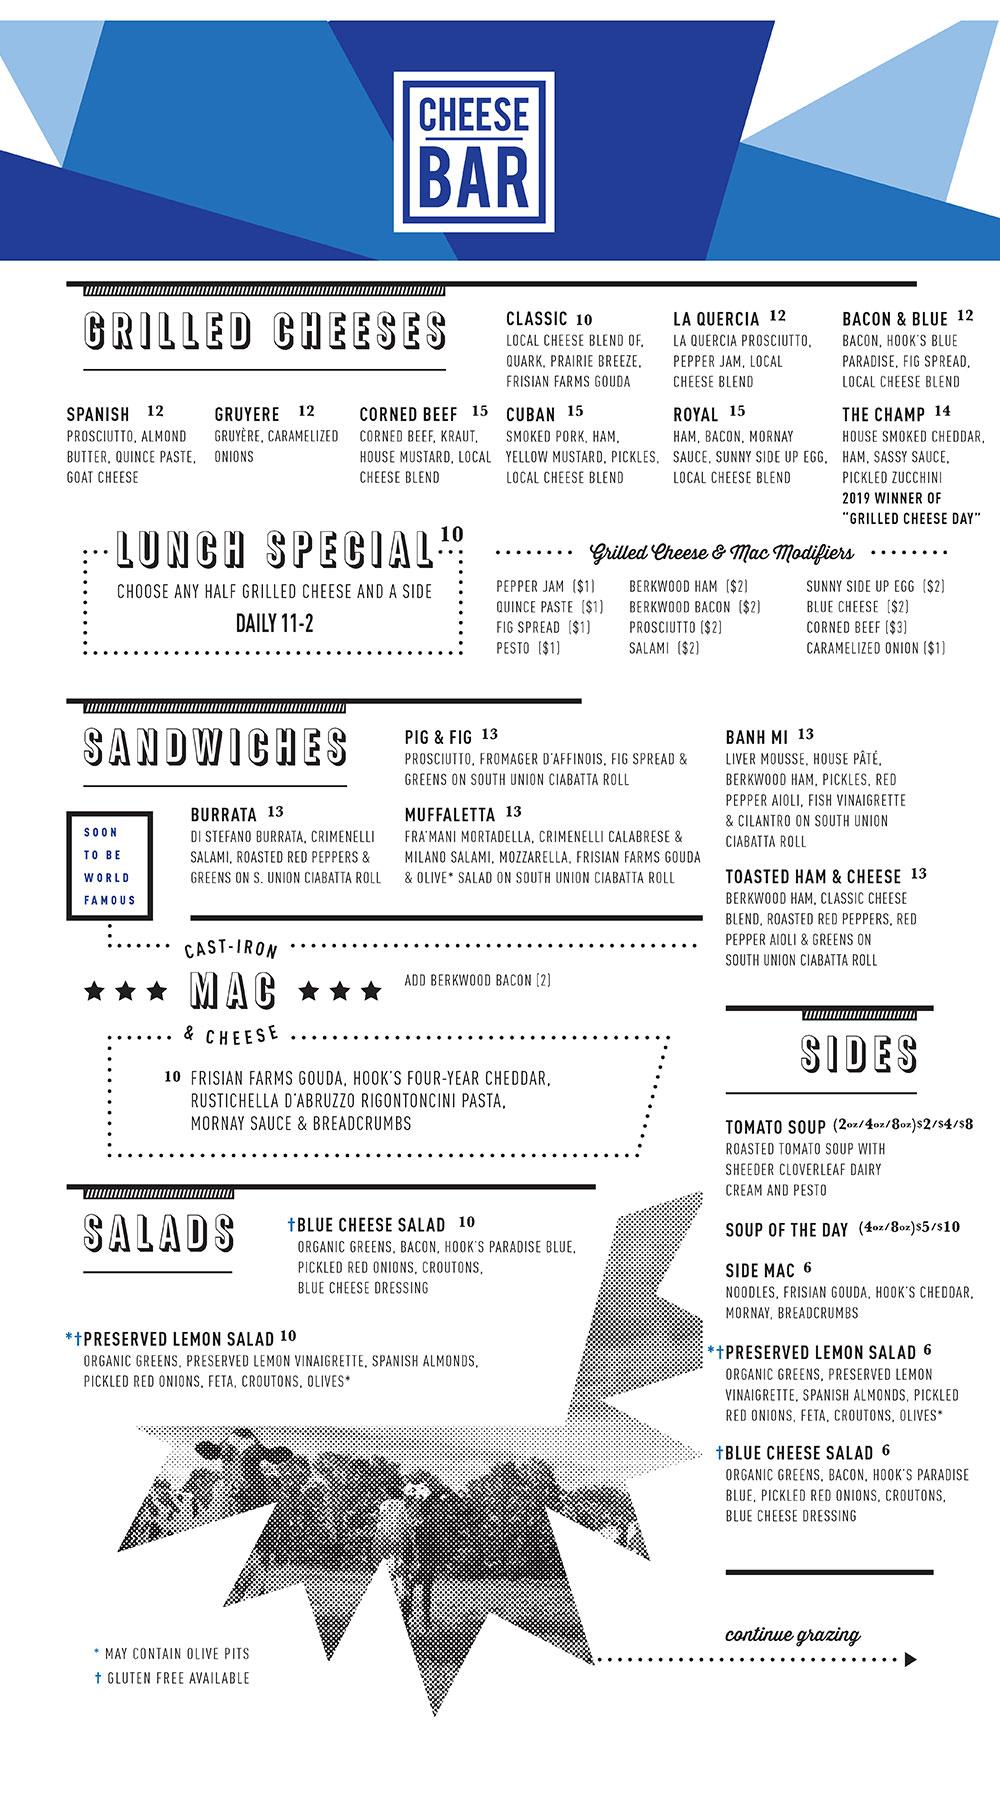 Cheese Bar menu